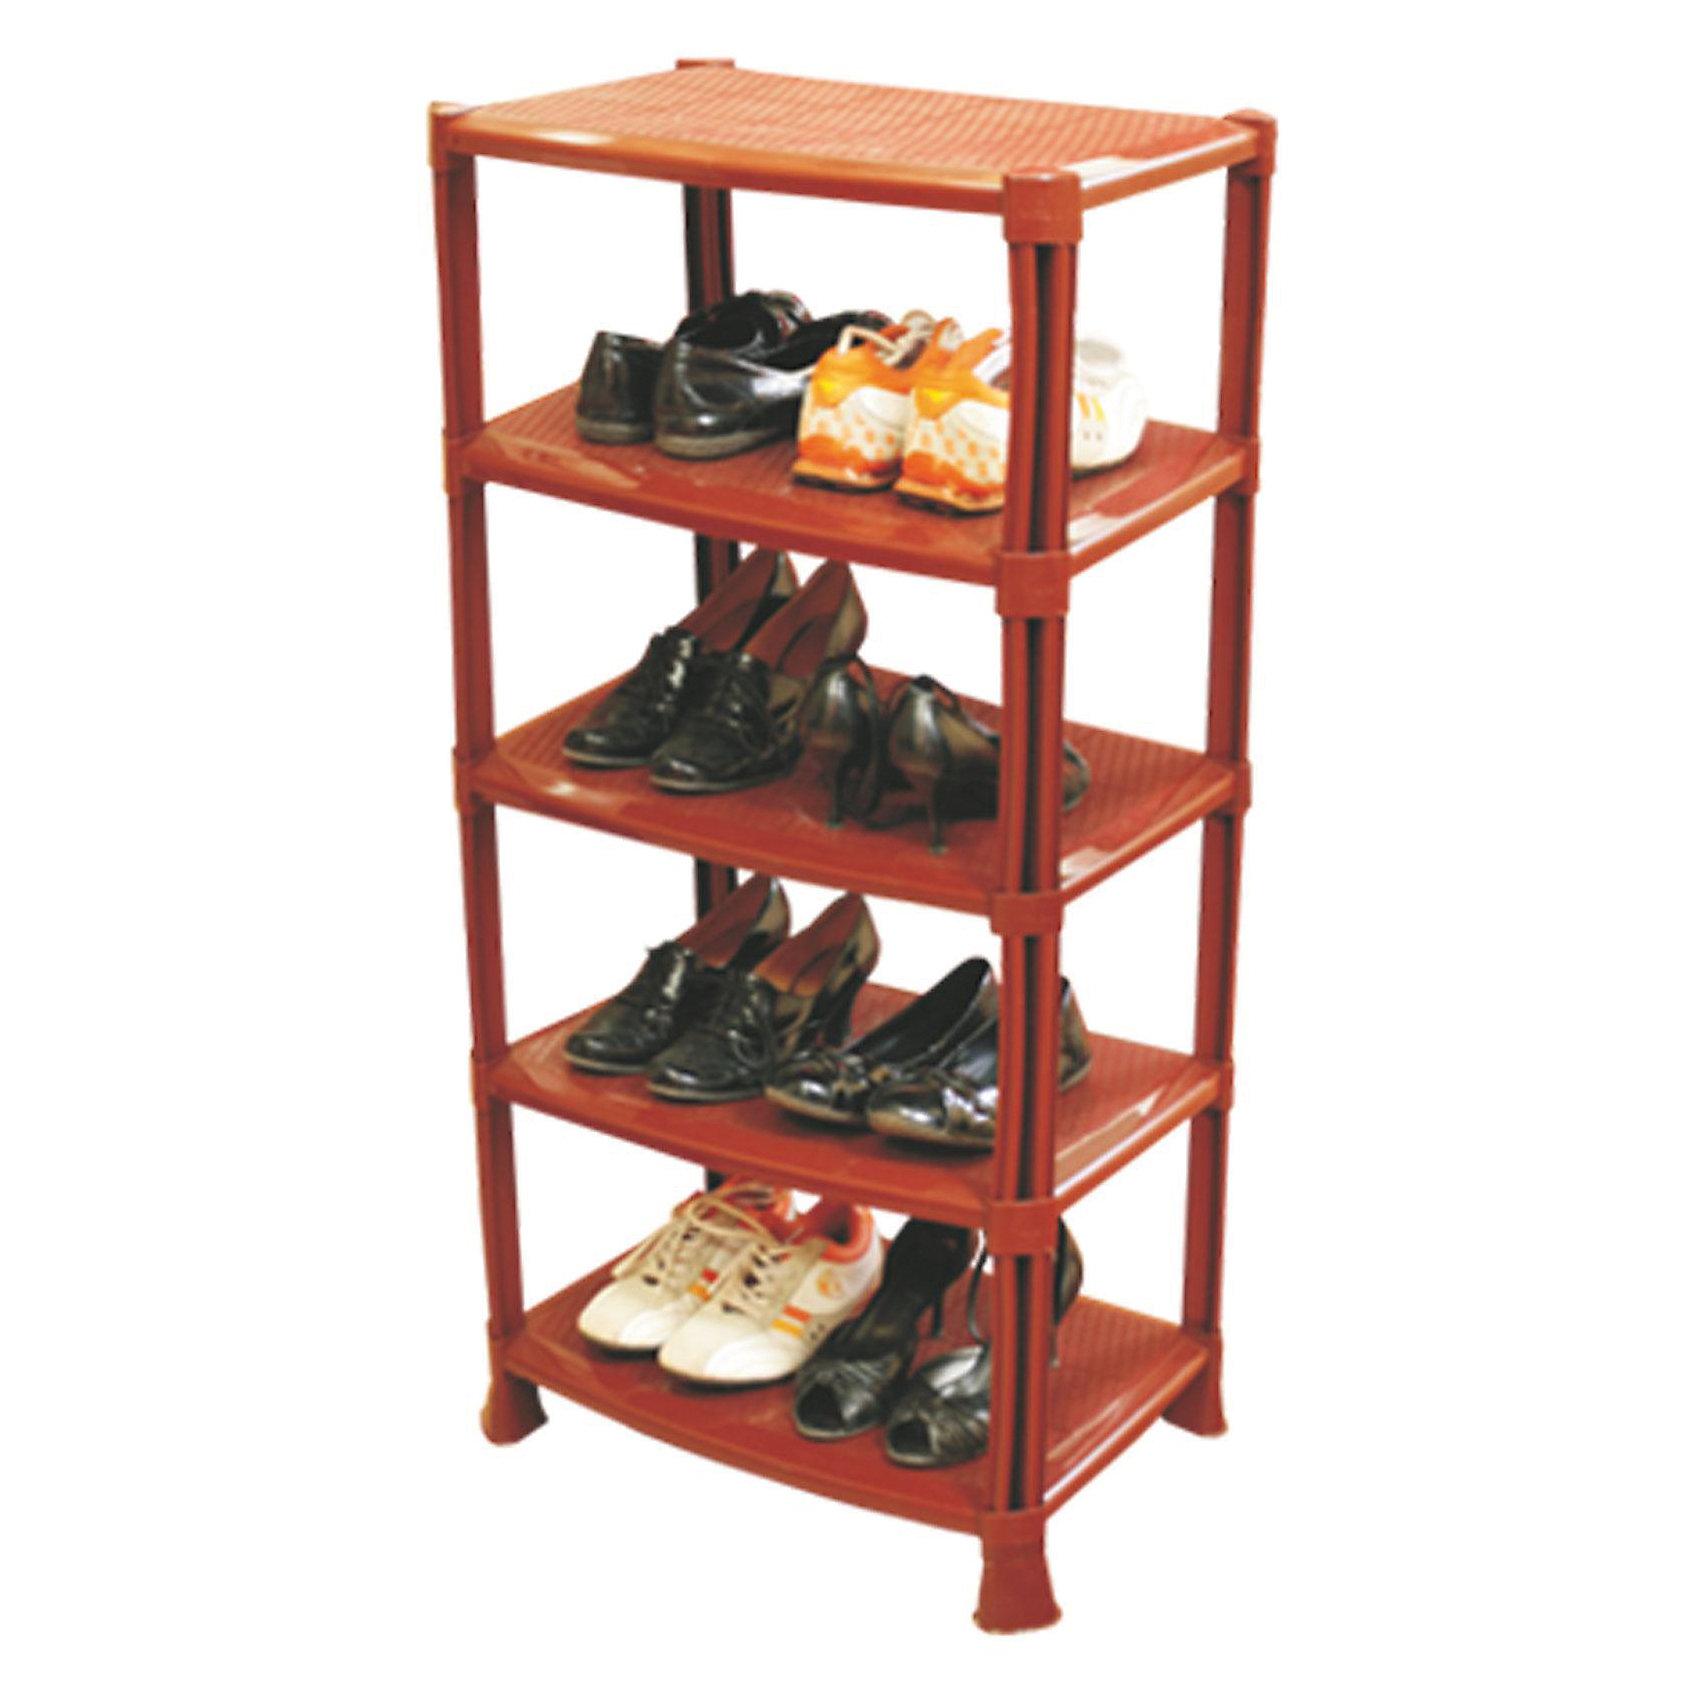 Полка для обуви (1008х510х350), AlternativaХарактеристики:<br><br>• Предназначение: для хранения обуви<br>• Материал: пластик<br>• Цвет: светло коричневый<br>• Размер (Д*Ш*В): 100,8 *51*35 см<br>• Форма: прямоугольный<br>• Предусмотрено 5 полок<br>• Особенности ухода: разрешается мыть теплой водой<br><br>Полка для обуви (1008х510х350), Alternativa изготовлена отечественным производителем ООО ЗПИ Альтернатива, который специализируется на выпуске широкого спектра изделий из пластика. Изделие выполнено из безопасного и прочного пластика, устойчивого к механическим повреждениям. Полка выполнена в форме этажерки, состоит из 5-ти широких полок. Изделие выполнено в светло-коричневом цвете, легкое в уходе. Полка для обуви (1008х510х350), Alternativa может быть использована не только для хранения обуви, но и для средств по уходу за обувью. <br><br>Полку для обуви (1008х510х350), Alternativa можно купить в нашем интернет-магазине.<br><br>Ширина мм: 510<br>Глубина мм: 350<br>Высота мм: 1010<br>Вес г: 2973<br>Возраст от месяцев: 6<br>Возраст до месяцев: 588<br>Пол: Унисекс<br>Возраст: Детский<br>SKU: 5096672